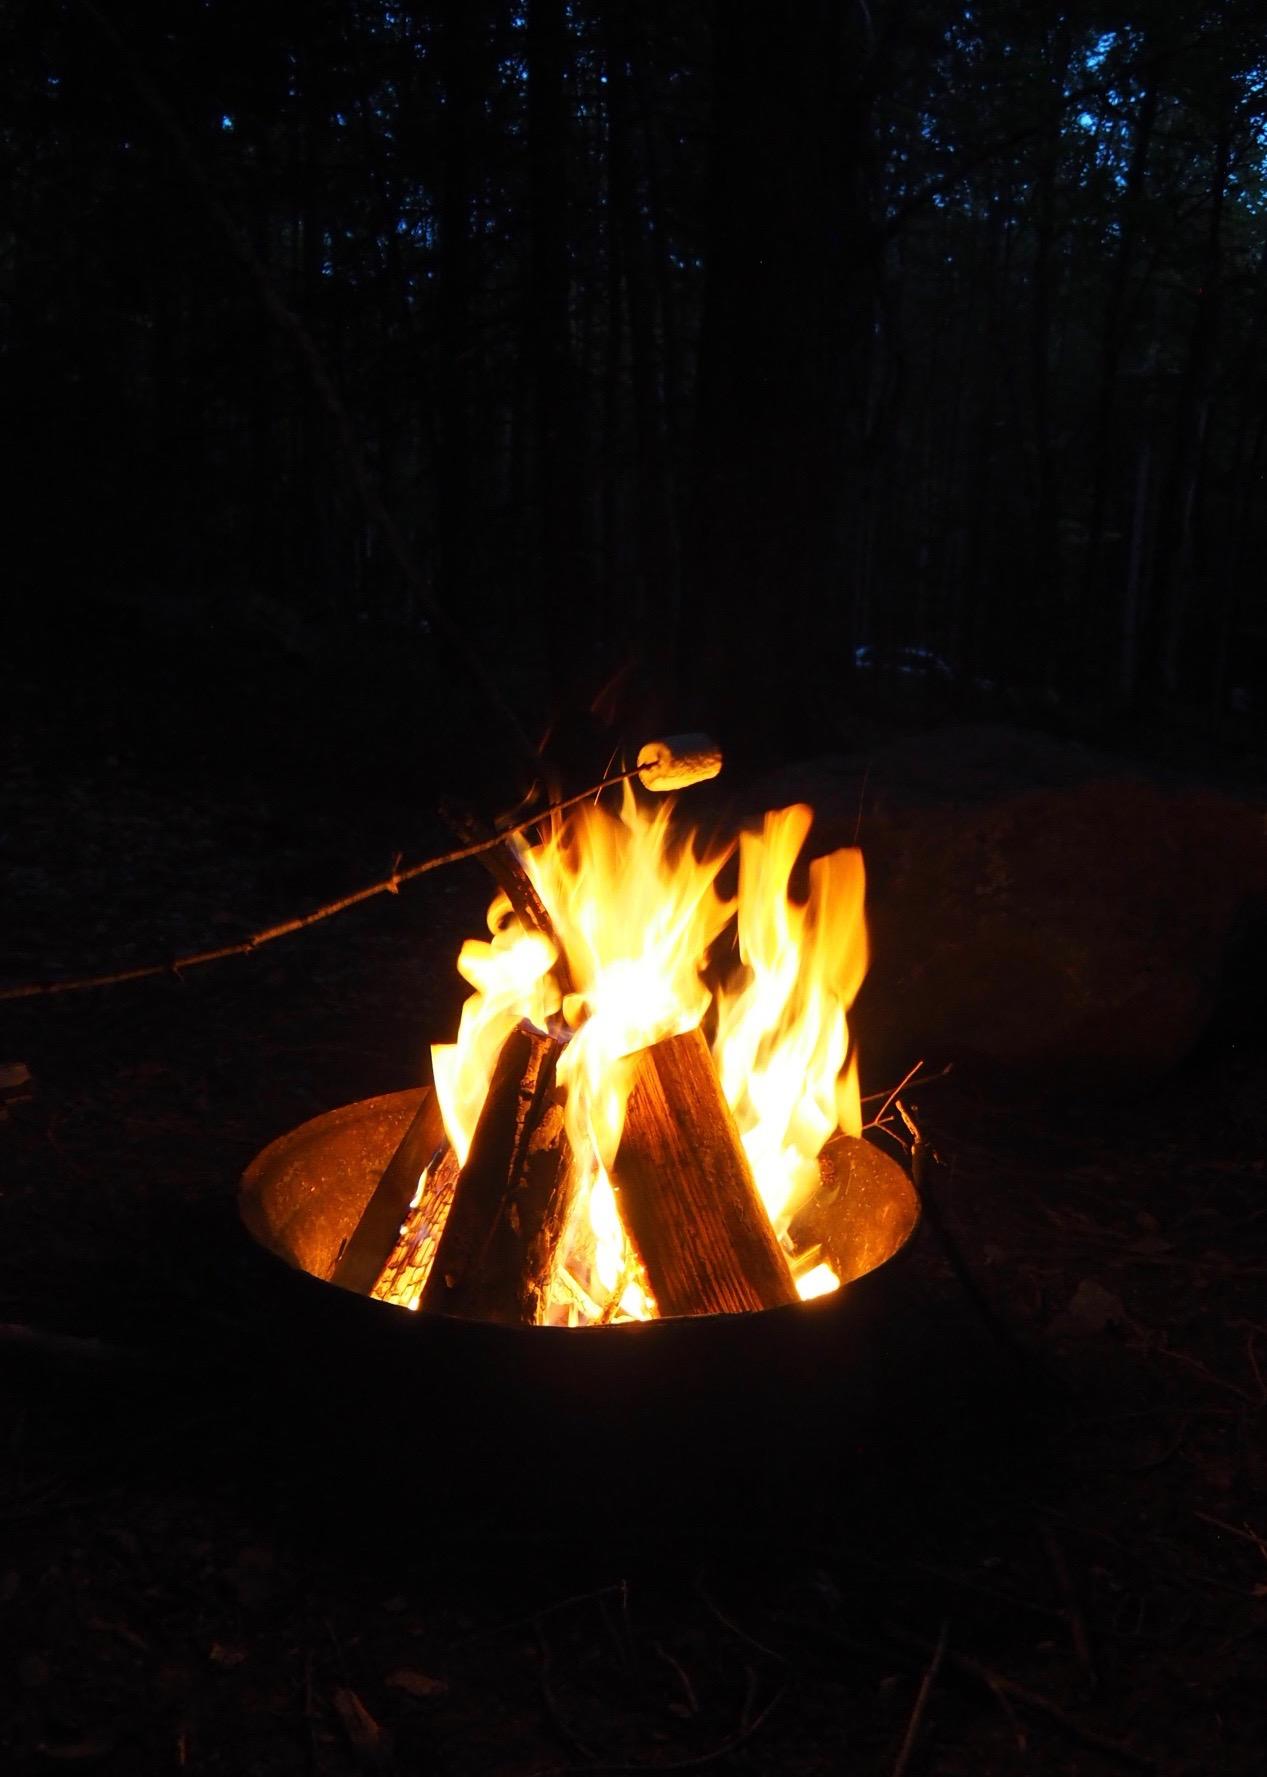 L'incontournable feu de camps (avec des guimauves, bien sûr)!